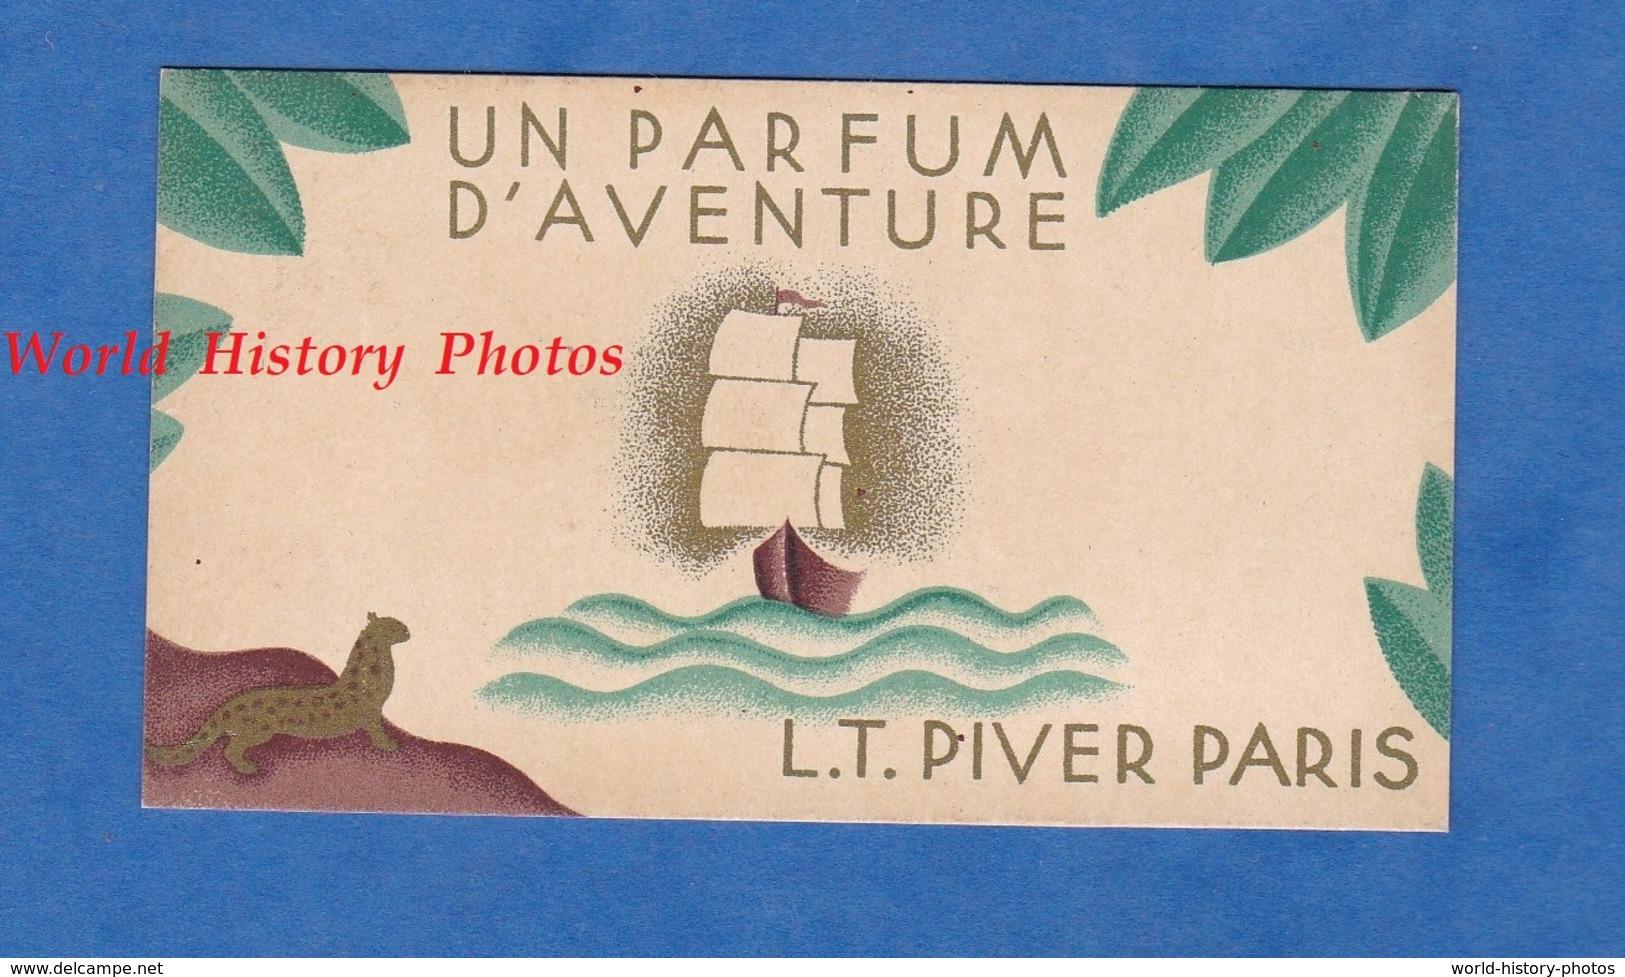 Carte Ancienne Parfumée - Calendrier 1933 / 1934 - Maison L.T. PIVER Parfumeur PARIS - Parfum D'Aventure - Maquet Grav. - Calendriers